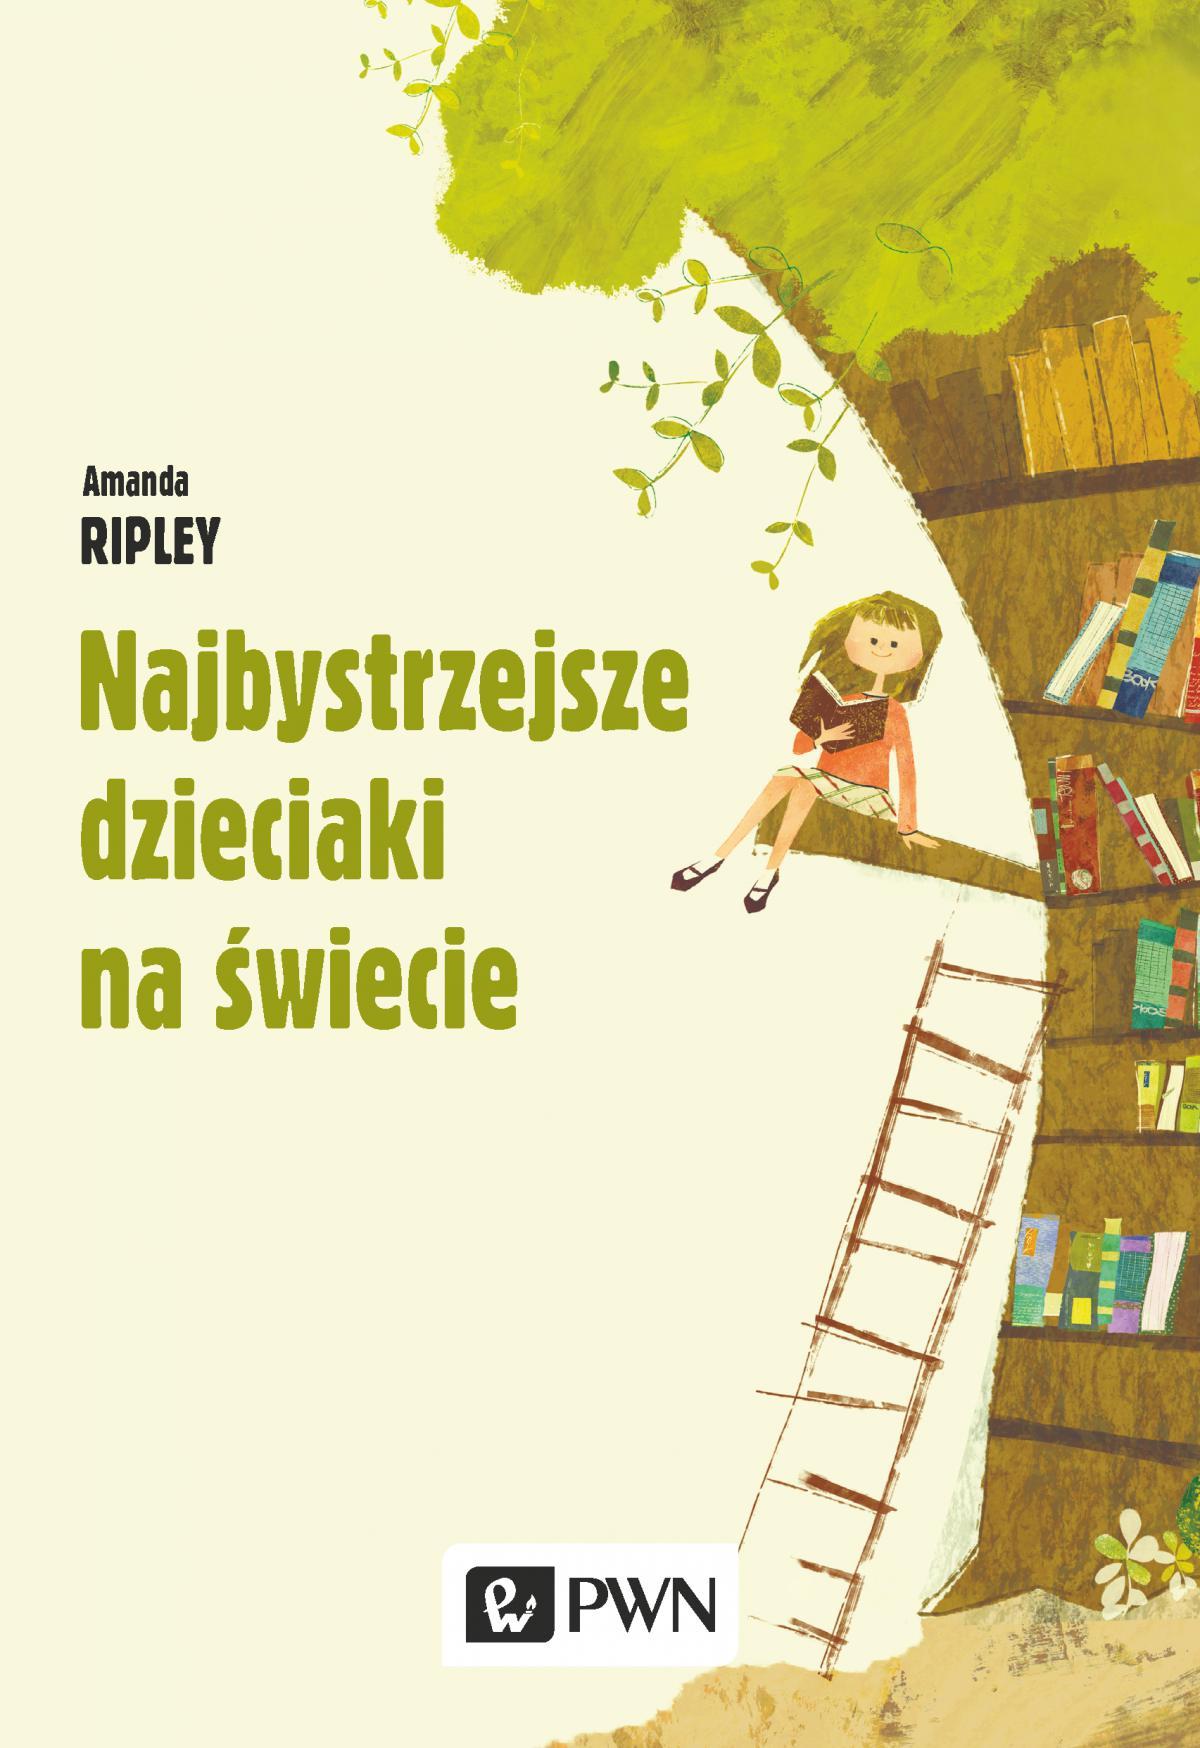 Najbystrzejsze dzieciaki na świecie - Ebook (Książka EPUB) do pobrania w formacie EPUB